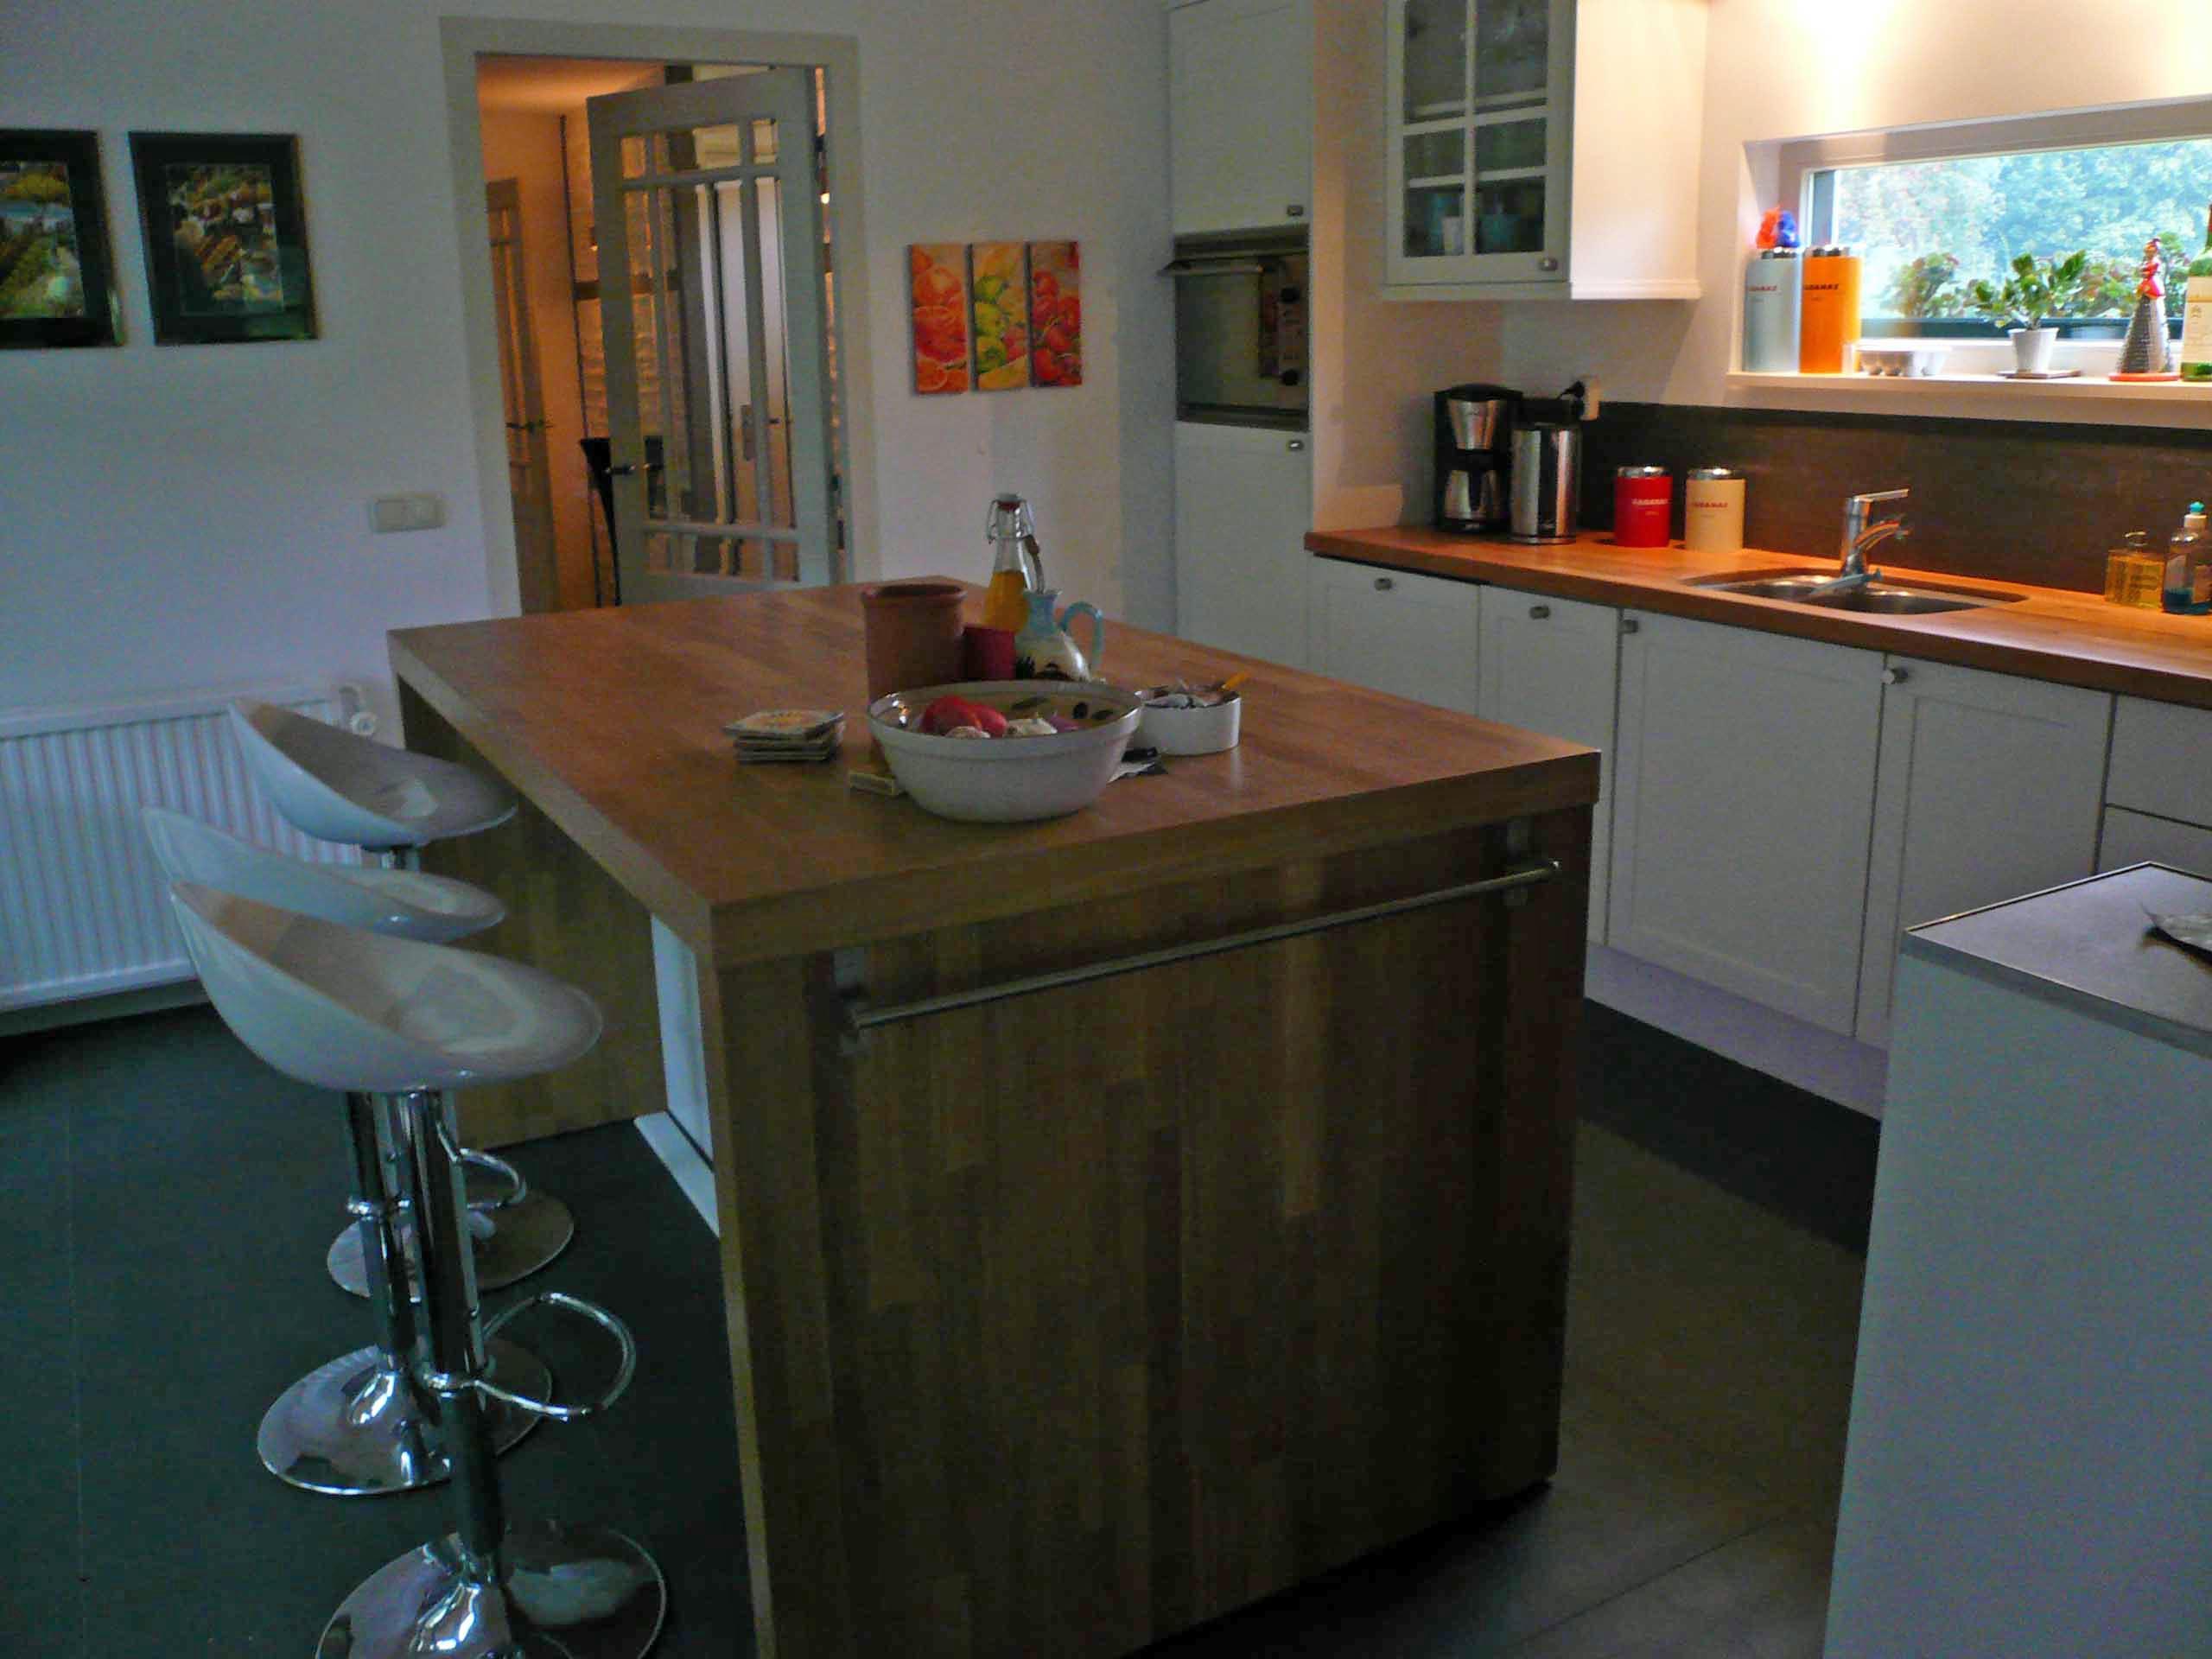 Keuken met werktafel